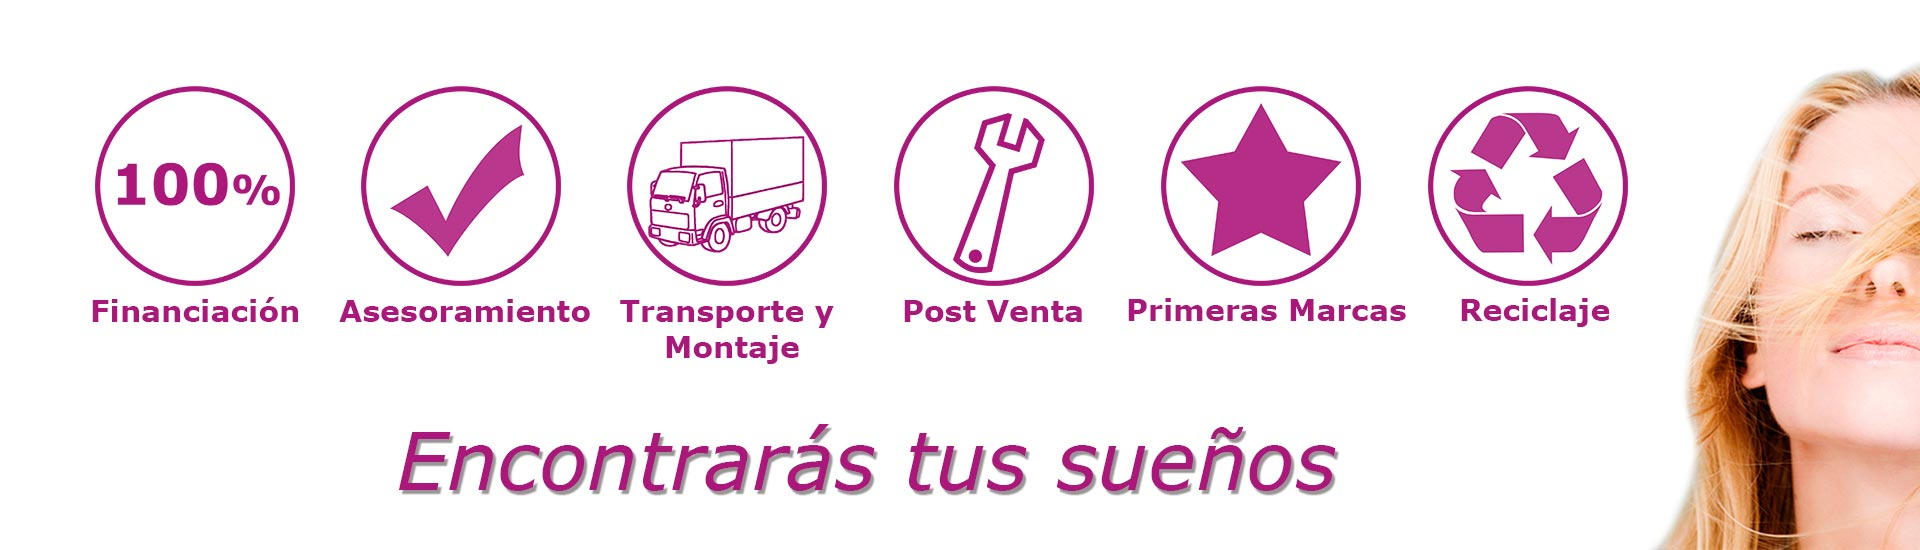 Densue O Tiendas Colchoner A Y Muebler A En Asturias Y Galicia  # Muebles Luarca Asturias